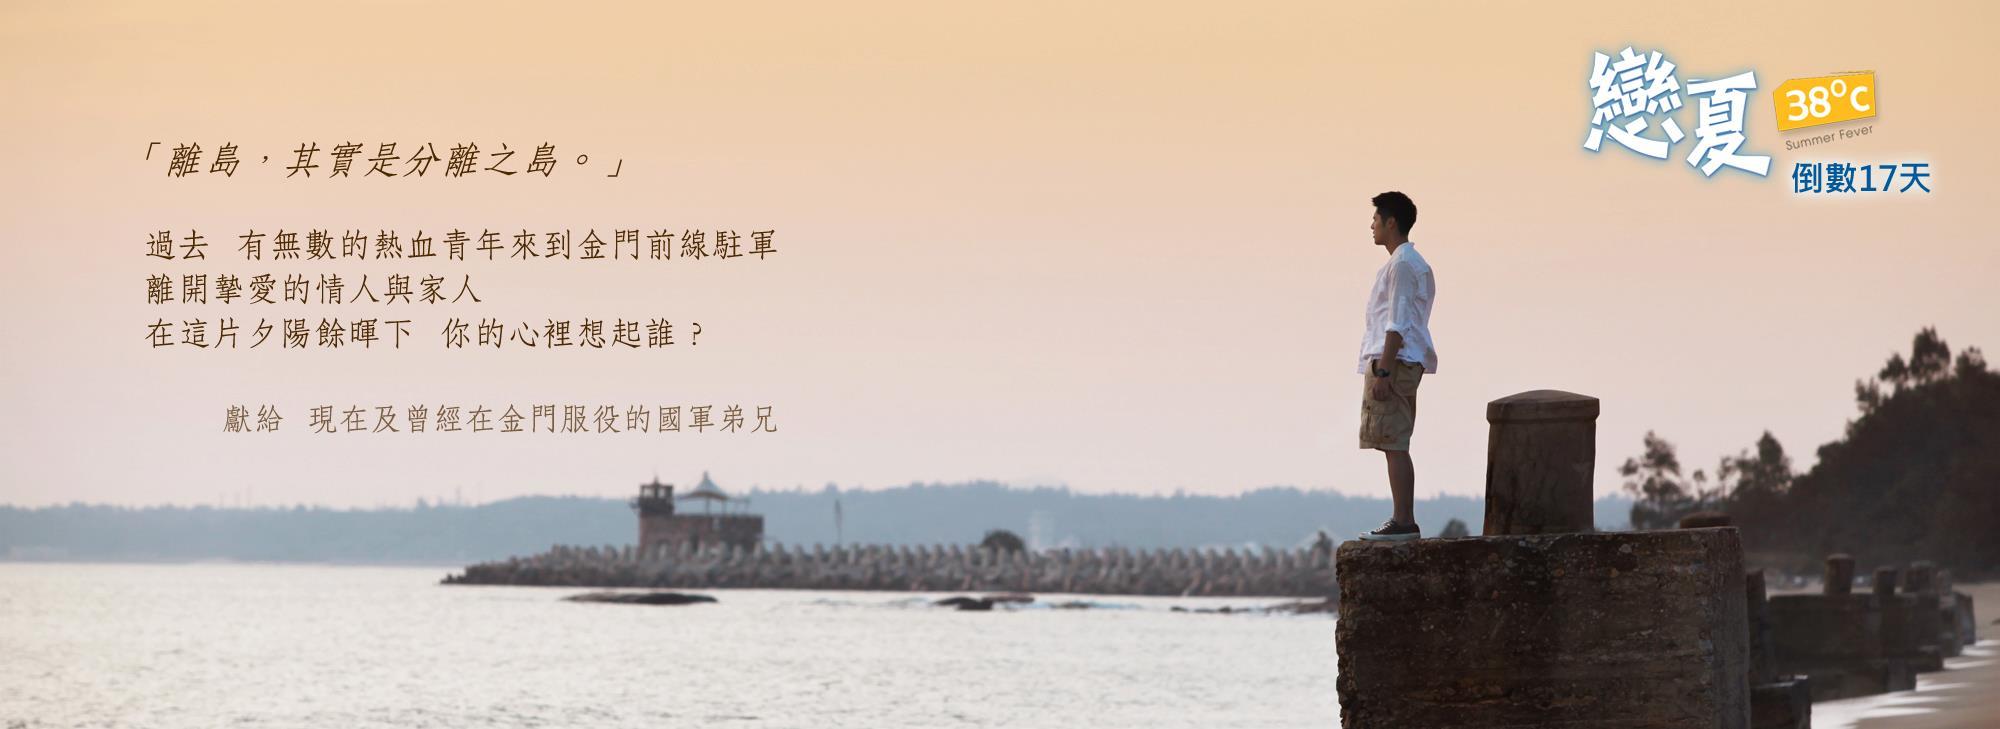 恋夏-11